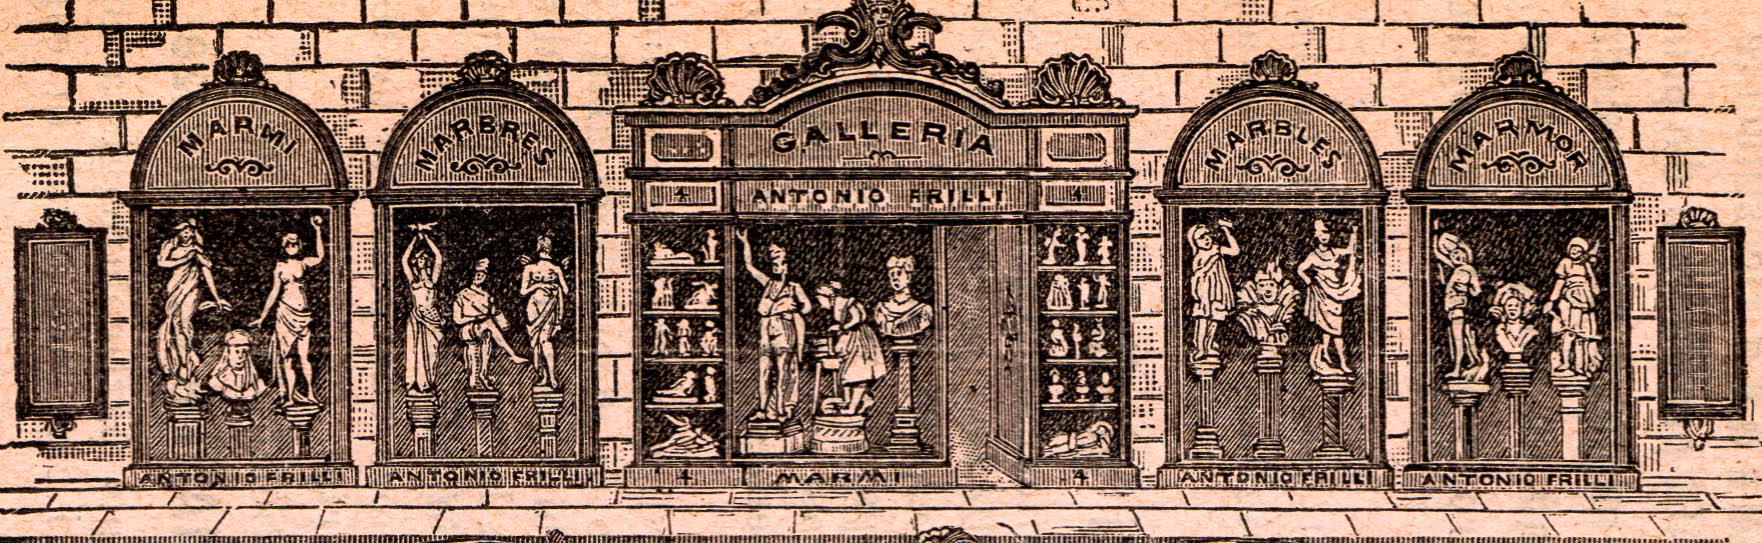 le vetrine di Antonio Frilli in via dei Fossi